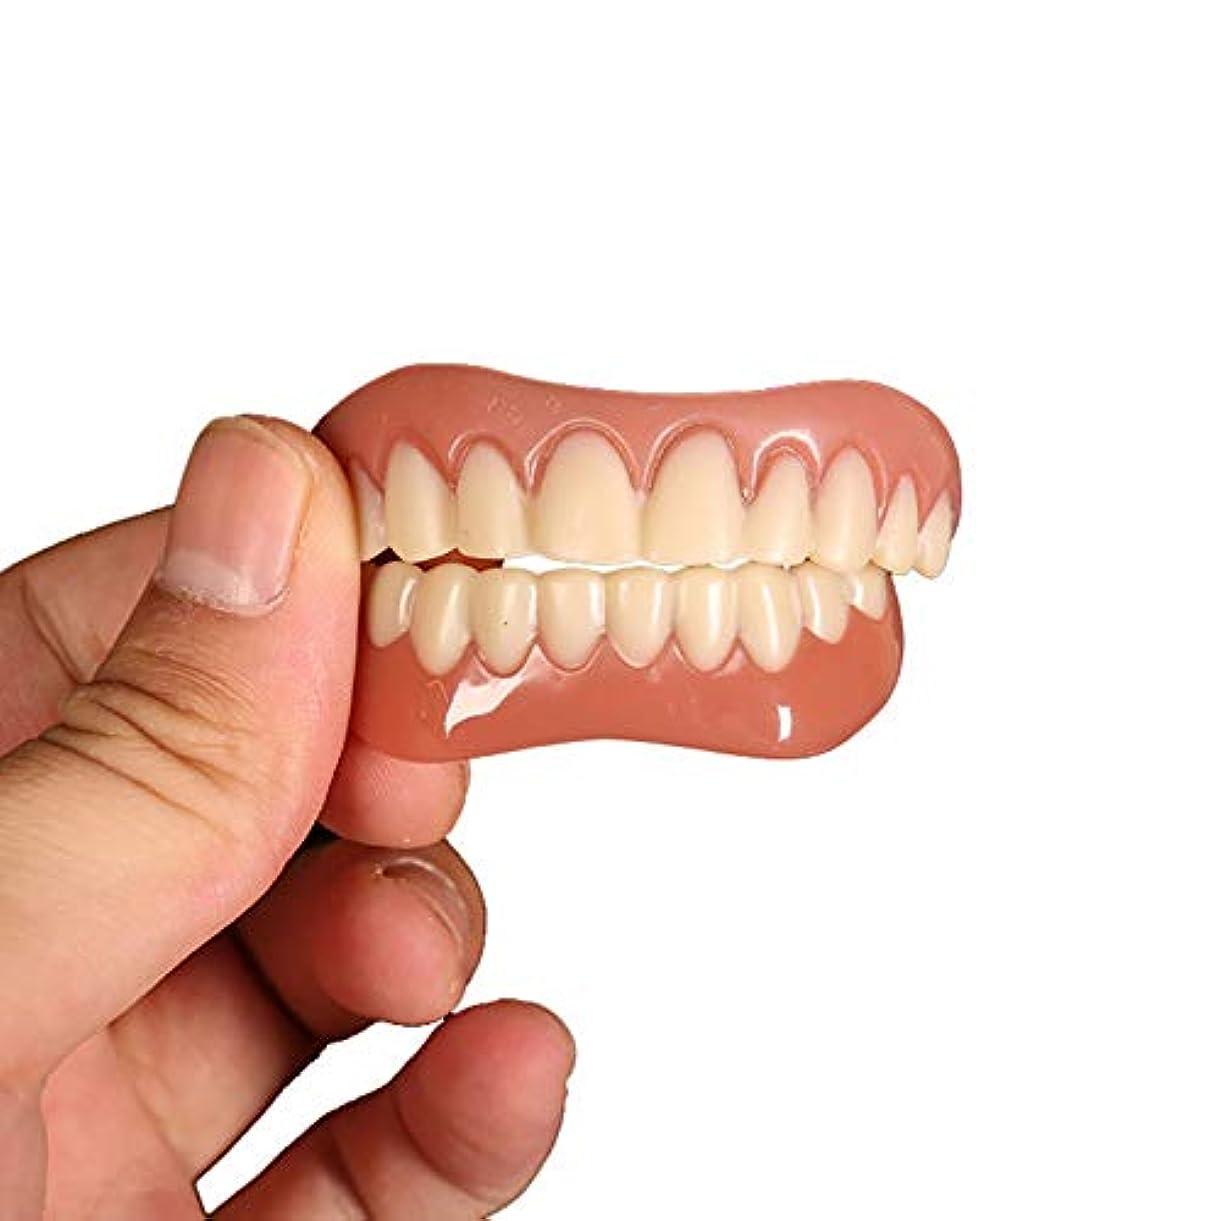 割り当てる国家汚染2対歯科用ベニア快適なフィット歯のトップとボトム化粧品のベニヤワンサイズフィットすべての義歯接着剤歯偽義歯歯笑顔